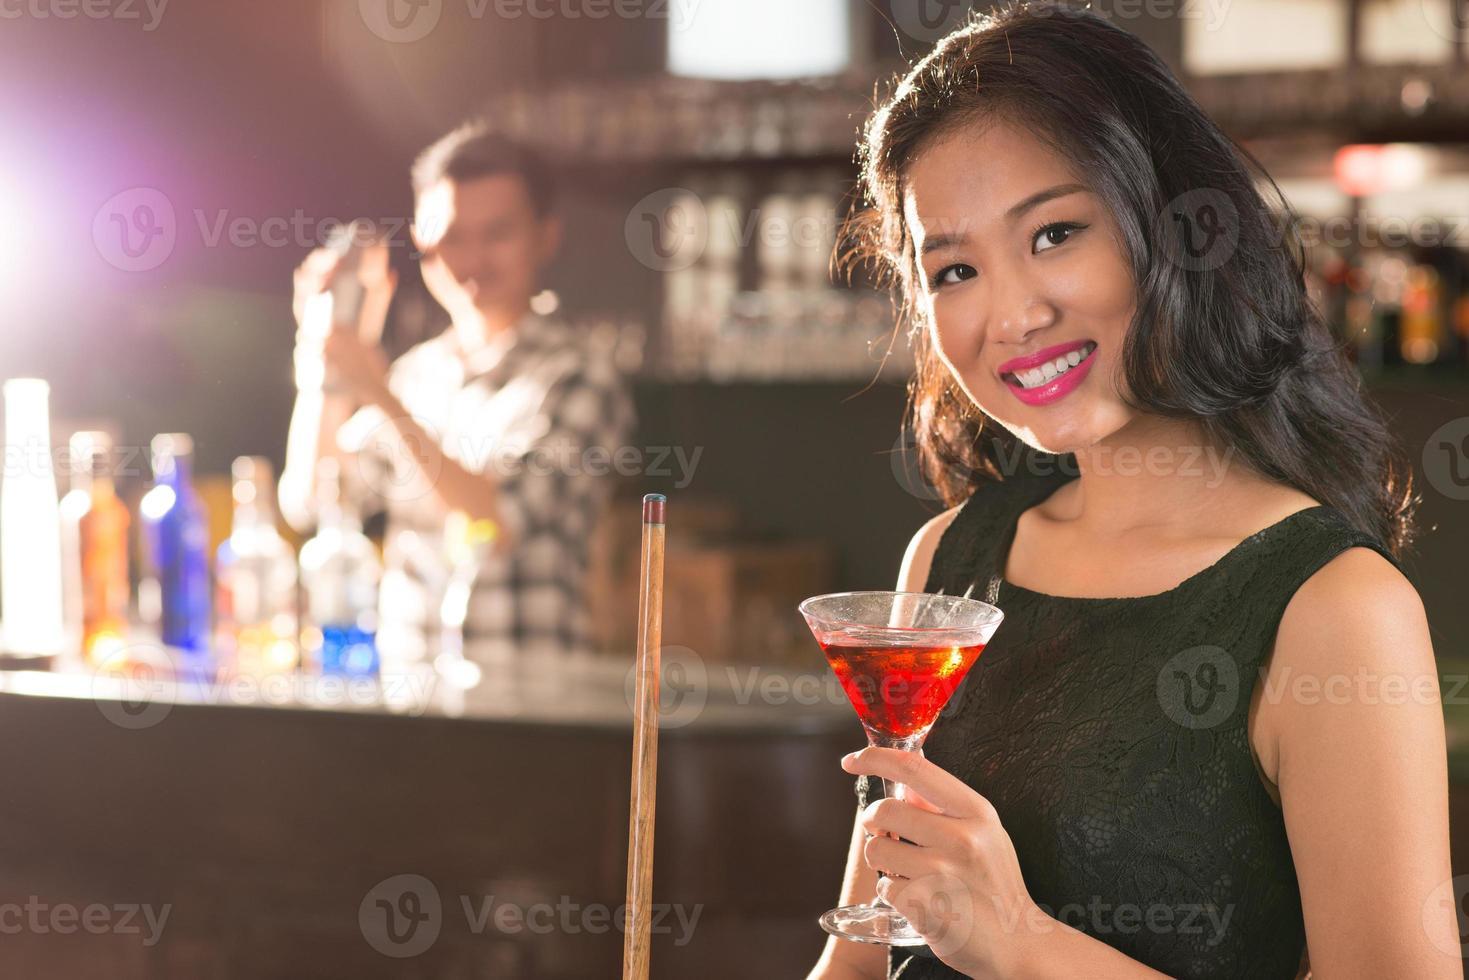 bruna asiatica foto